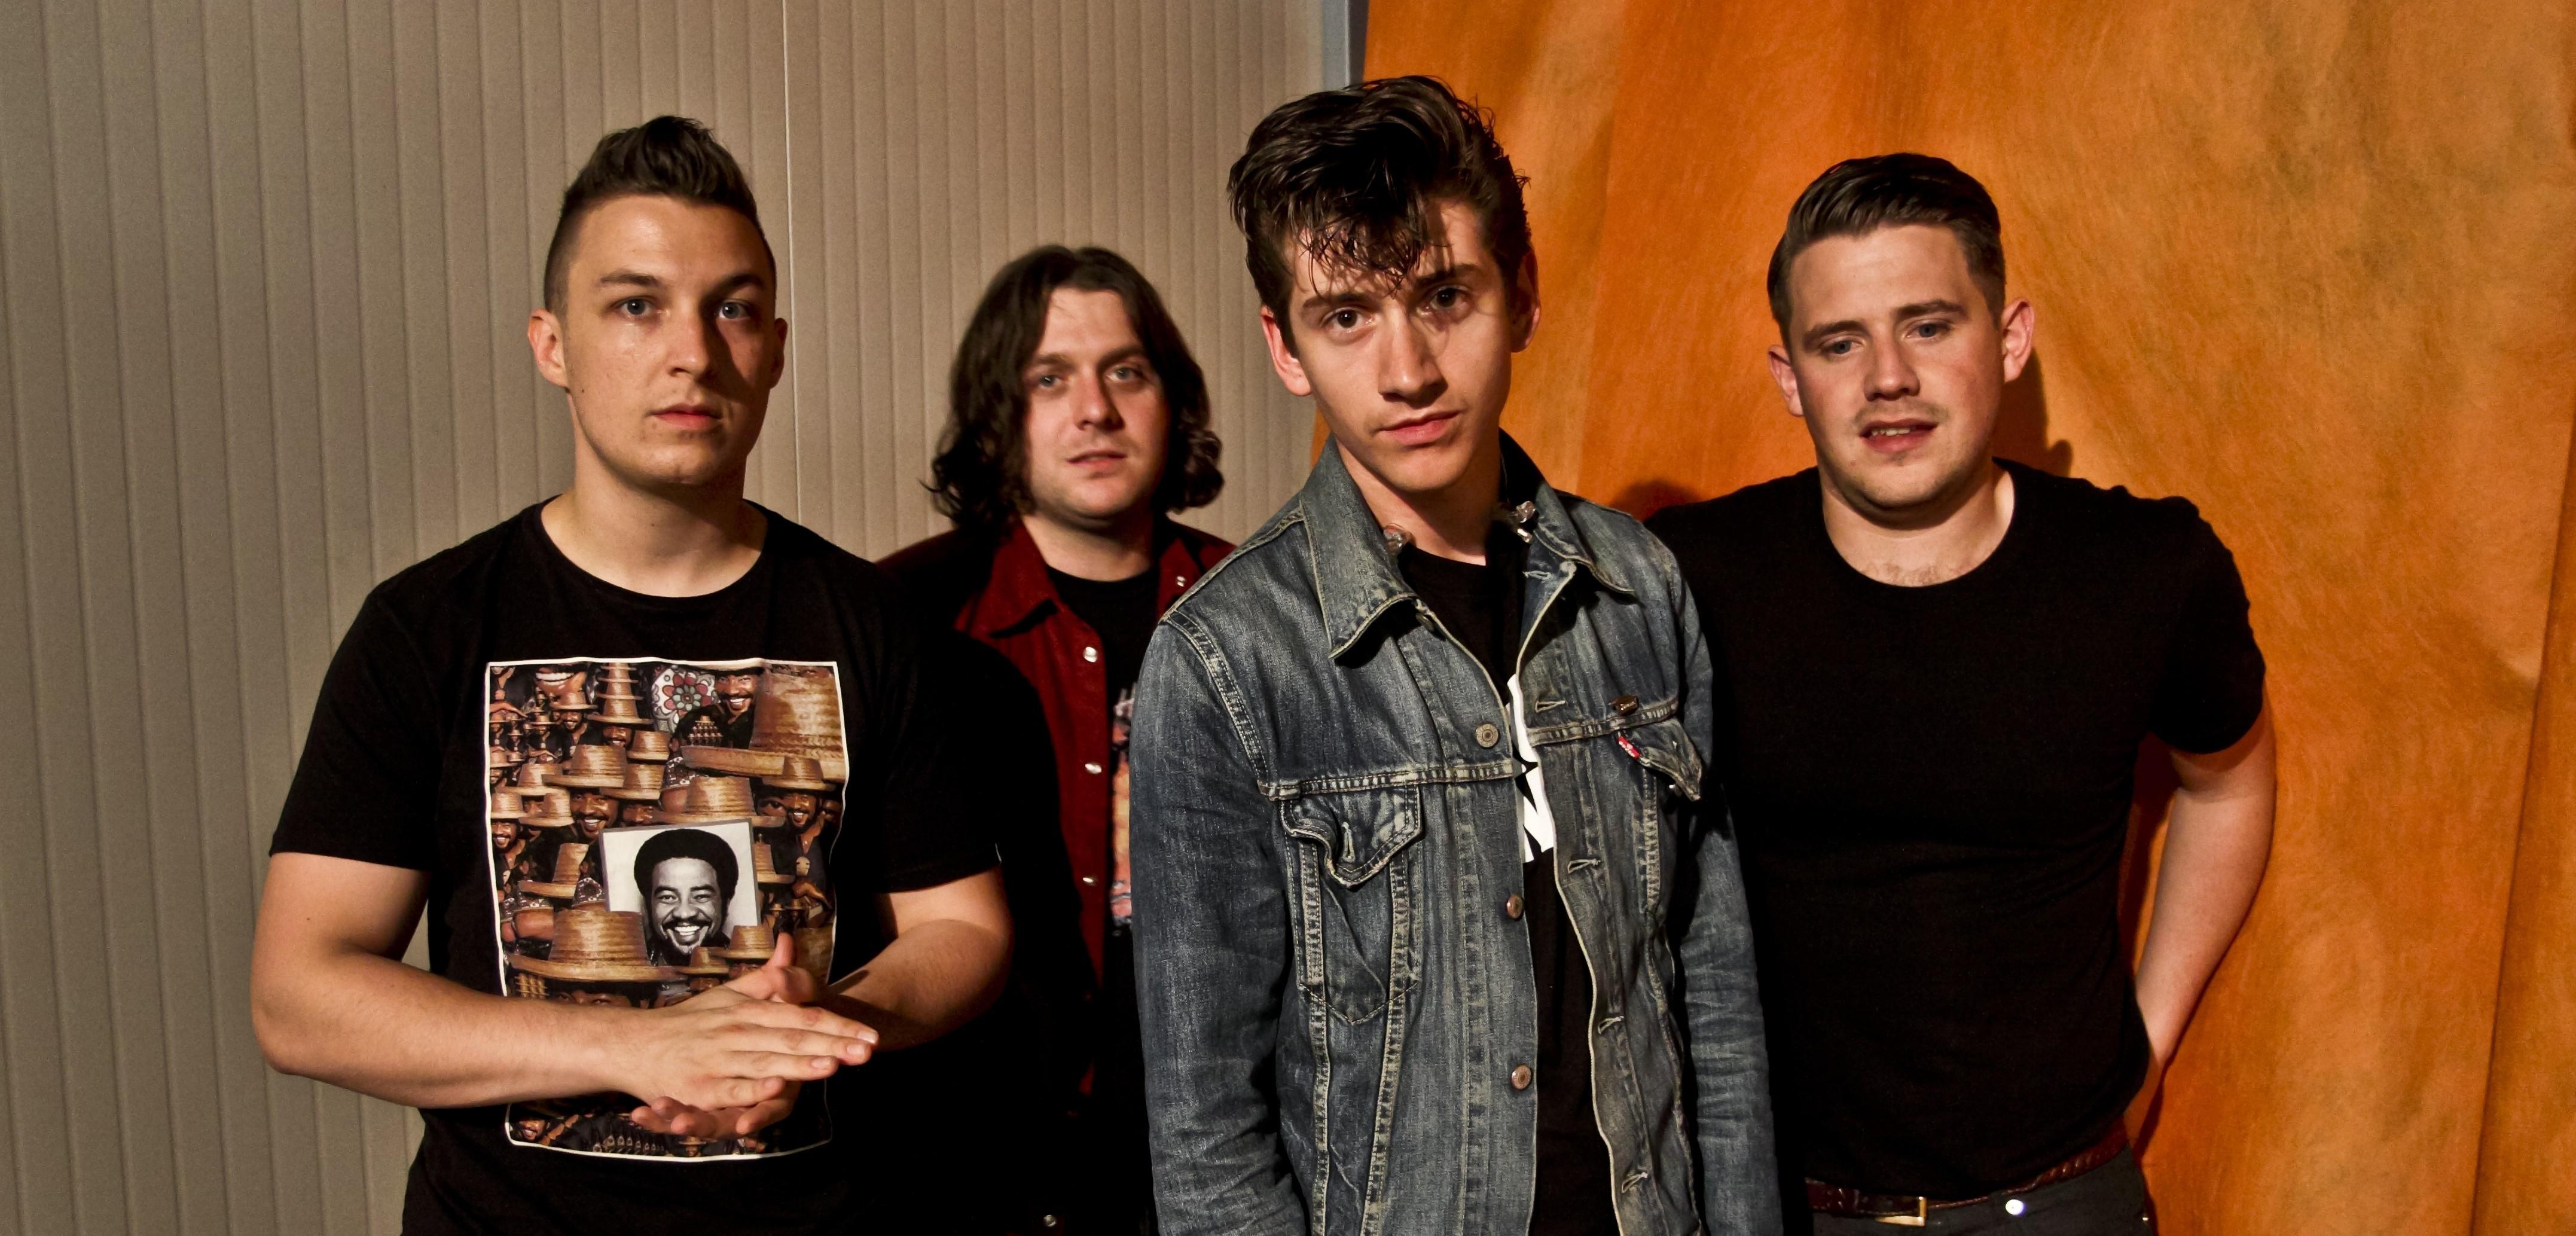 Arctic Monkeys unveil Do I Wanna Know? single